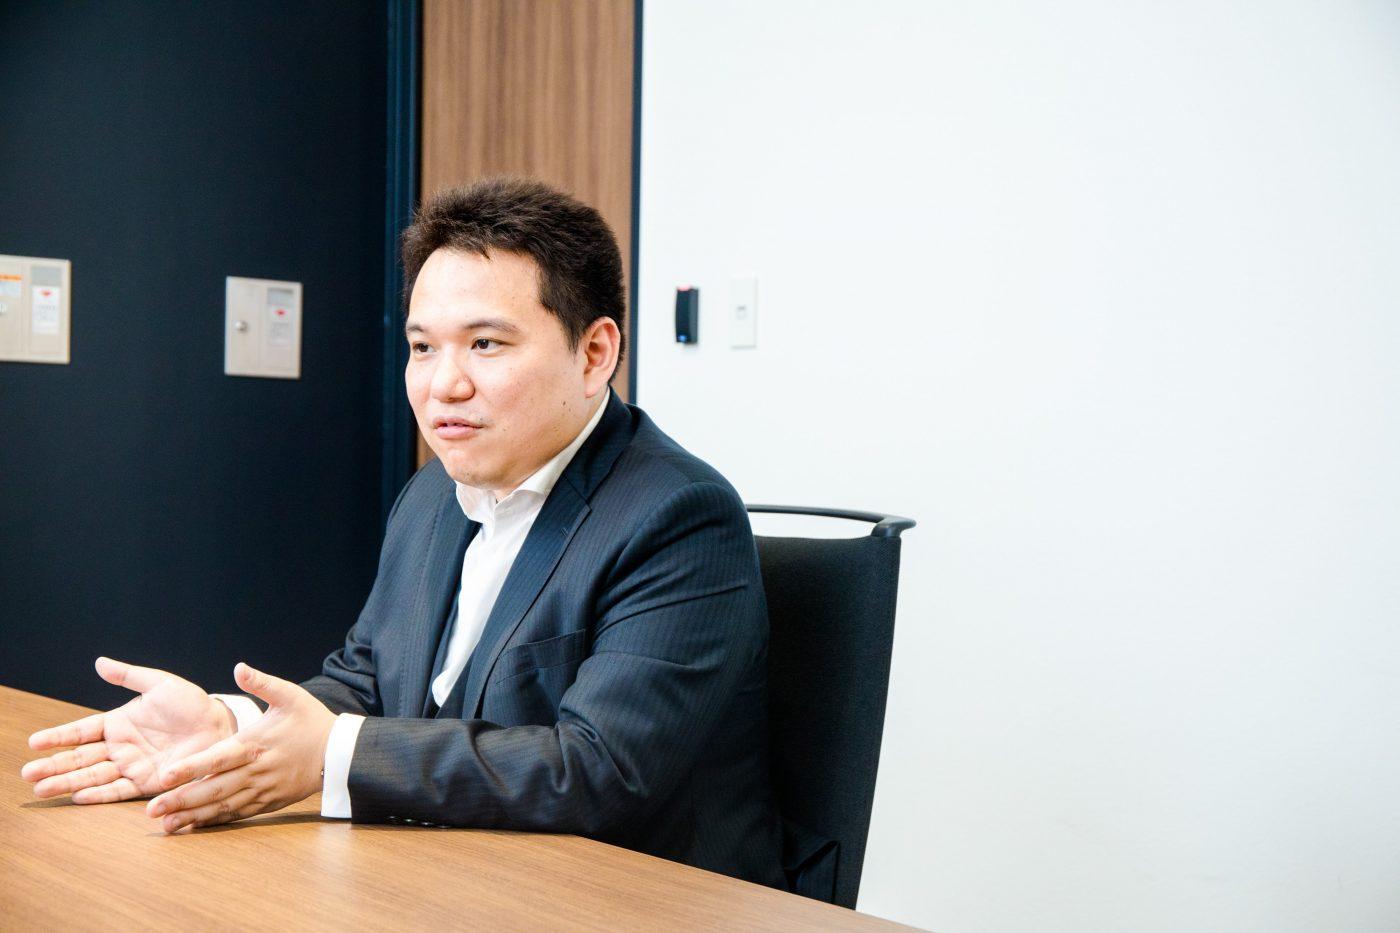 パネイルCEO名越達彦 事業の未来を信じきる。事業転換の意思決定に迷いを抱えた起業時